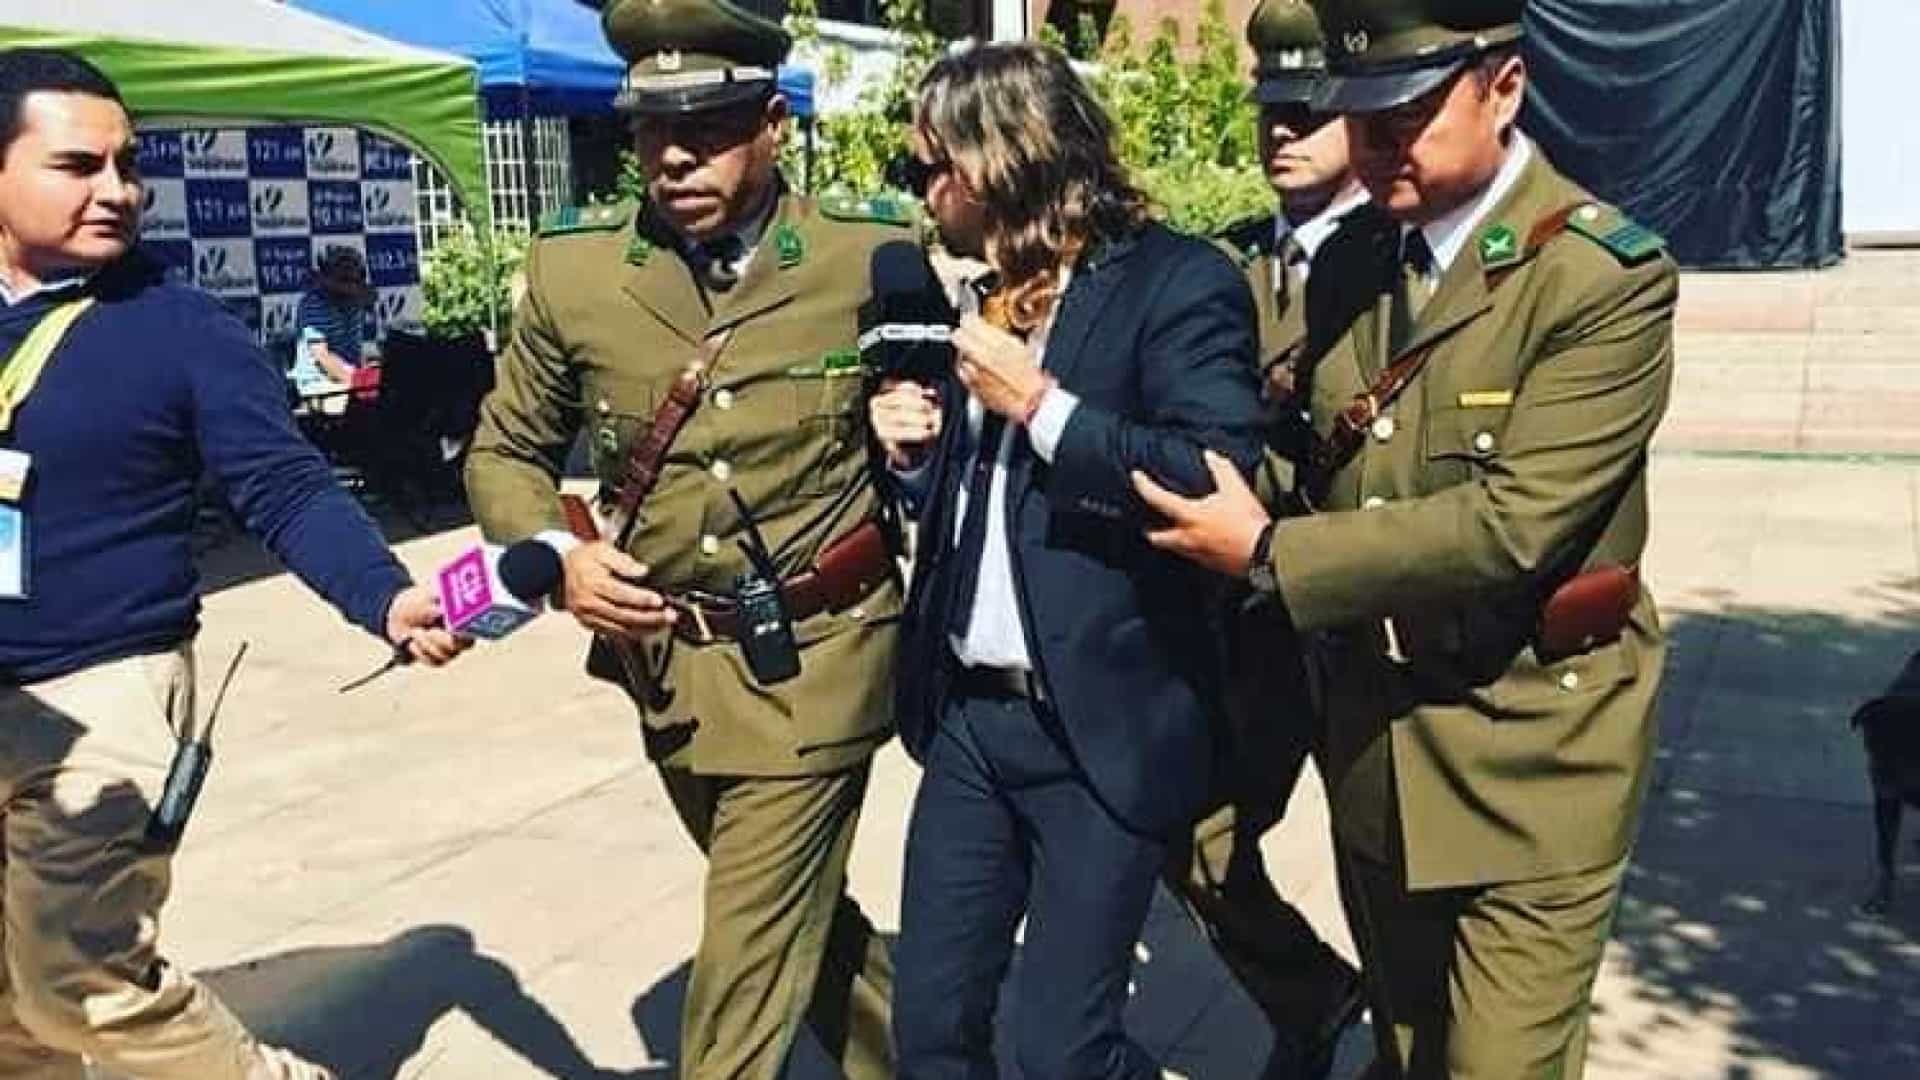 Repórter do CQC no Chile é expulso ao questionar Temer sobre corrupção